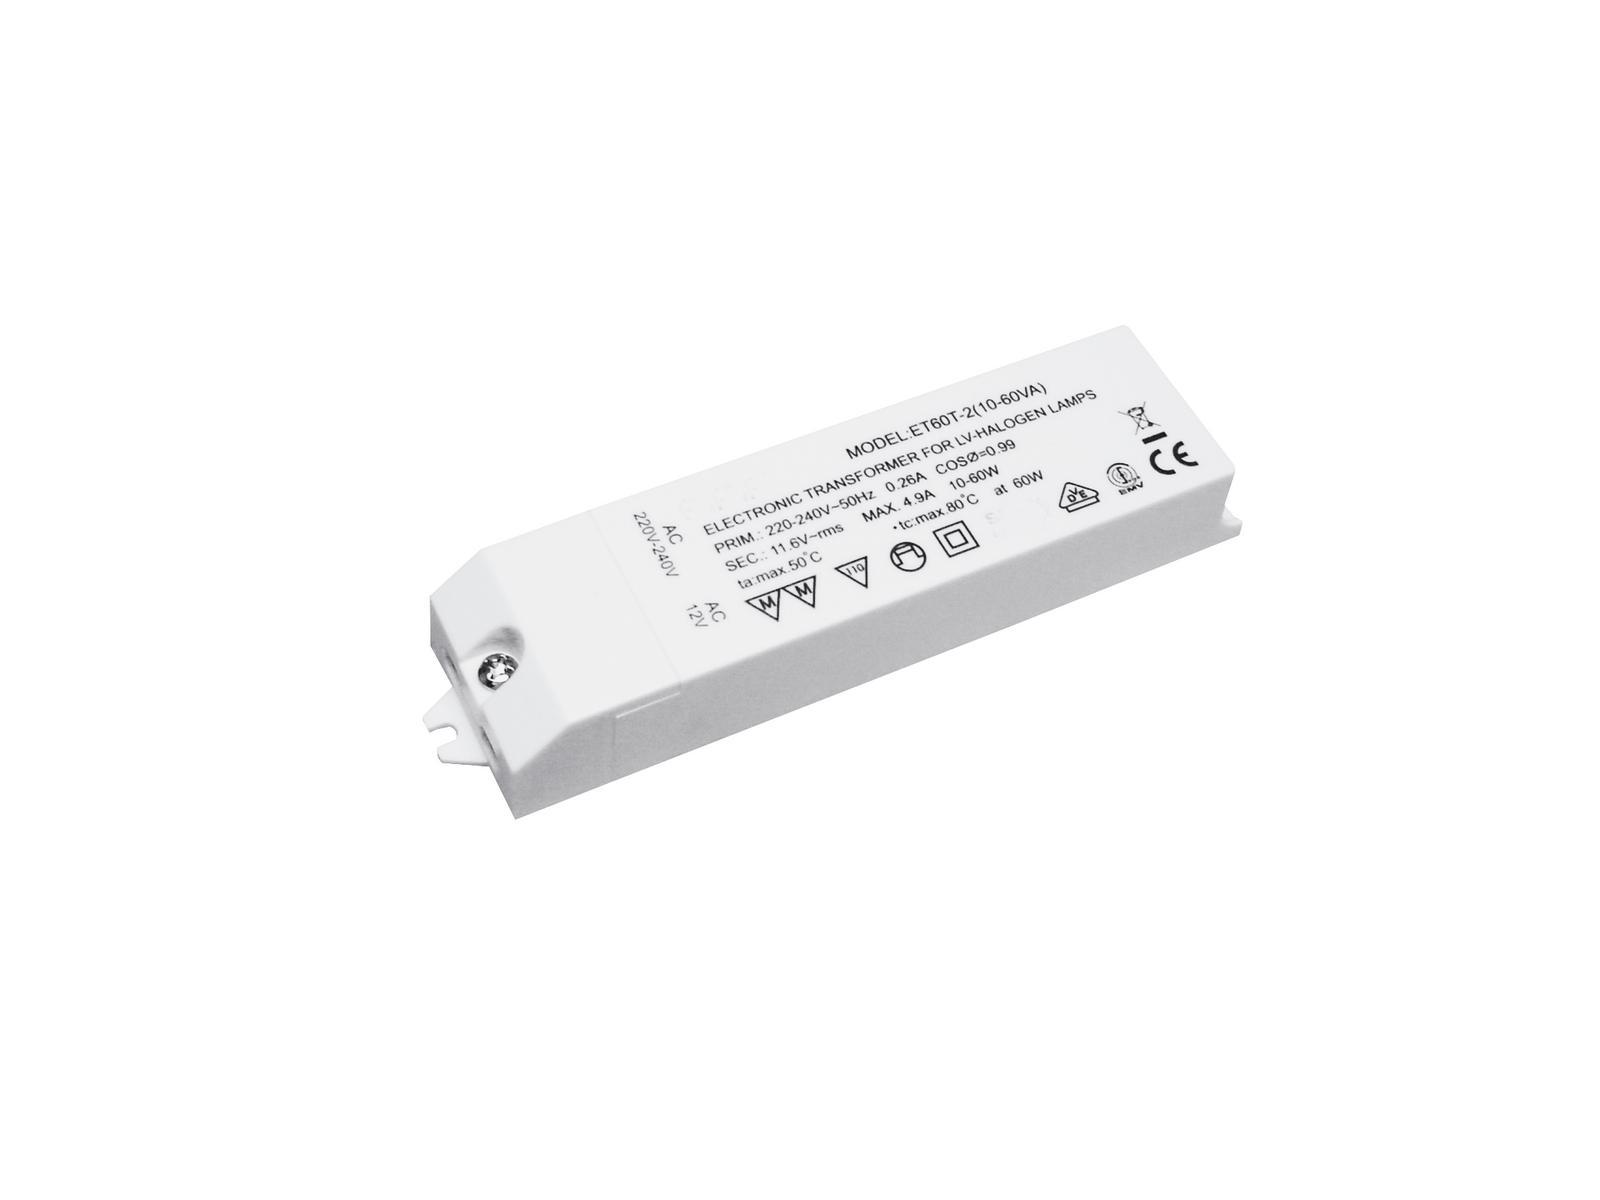 Transformer EUROLITE for low-voltage halogen lamps 12V/ 20-60VA